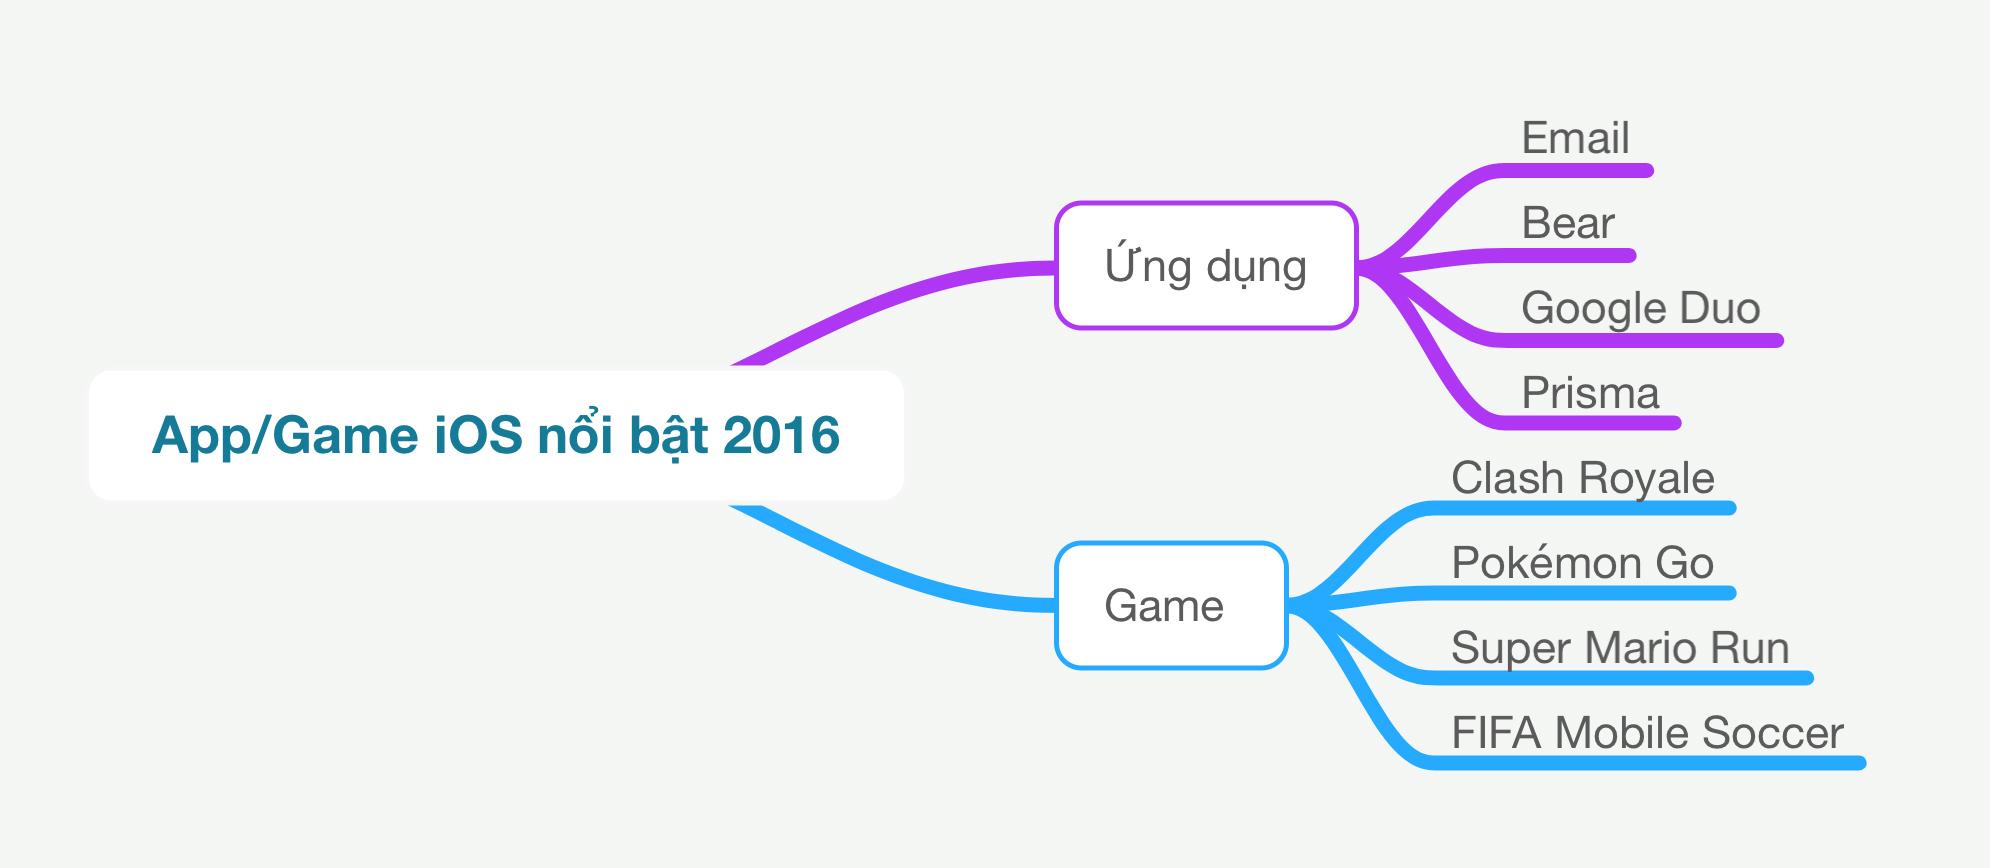 Tinhte-App-Game-iOS.jpg